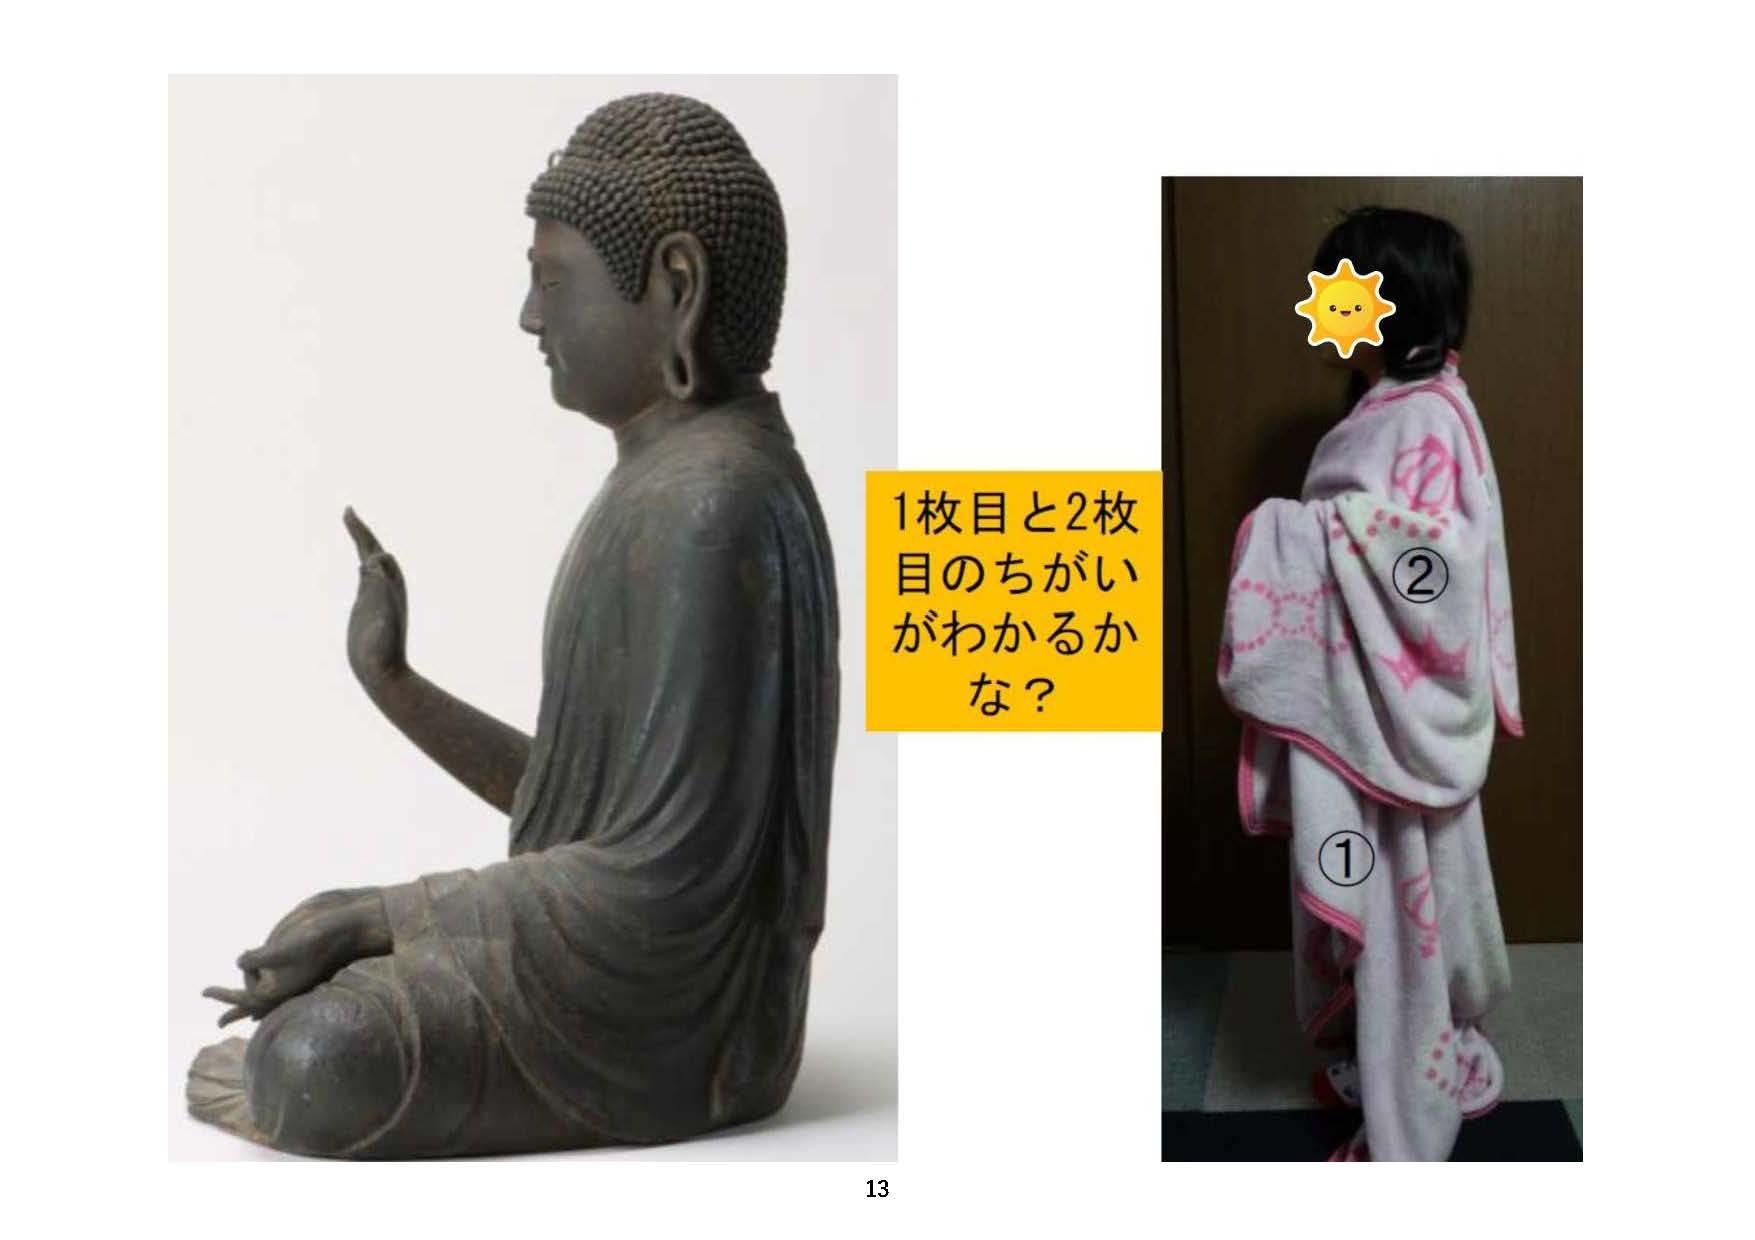 これまでの手順通りに大きめの布をまとった様子と、阿弥陀如来坐像の衣との比較・その3